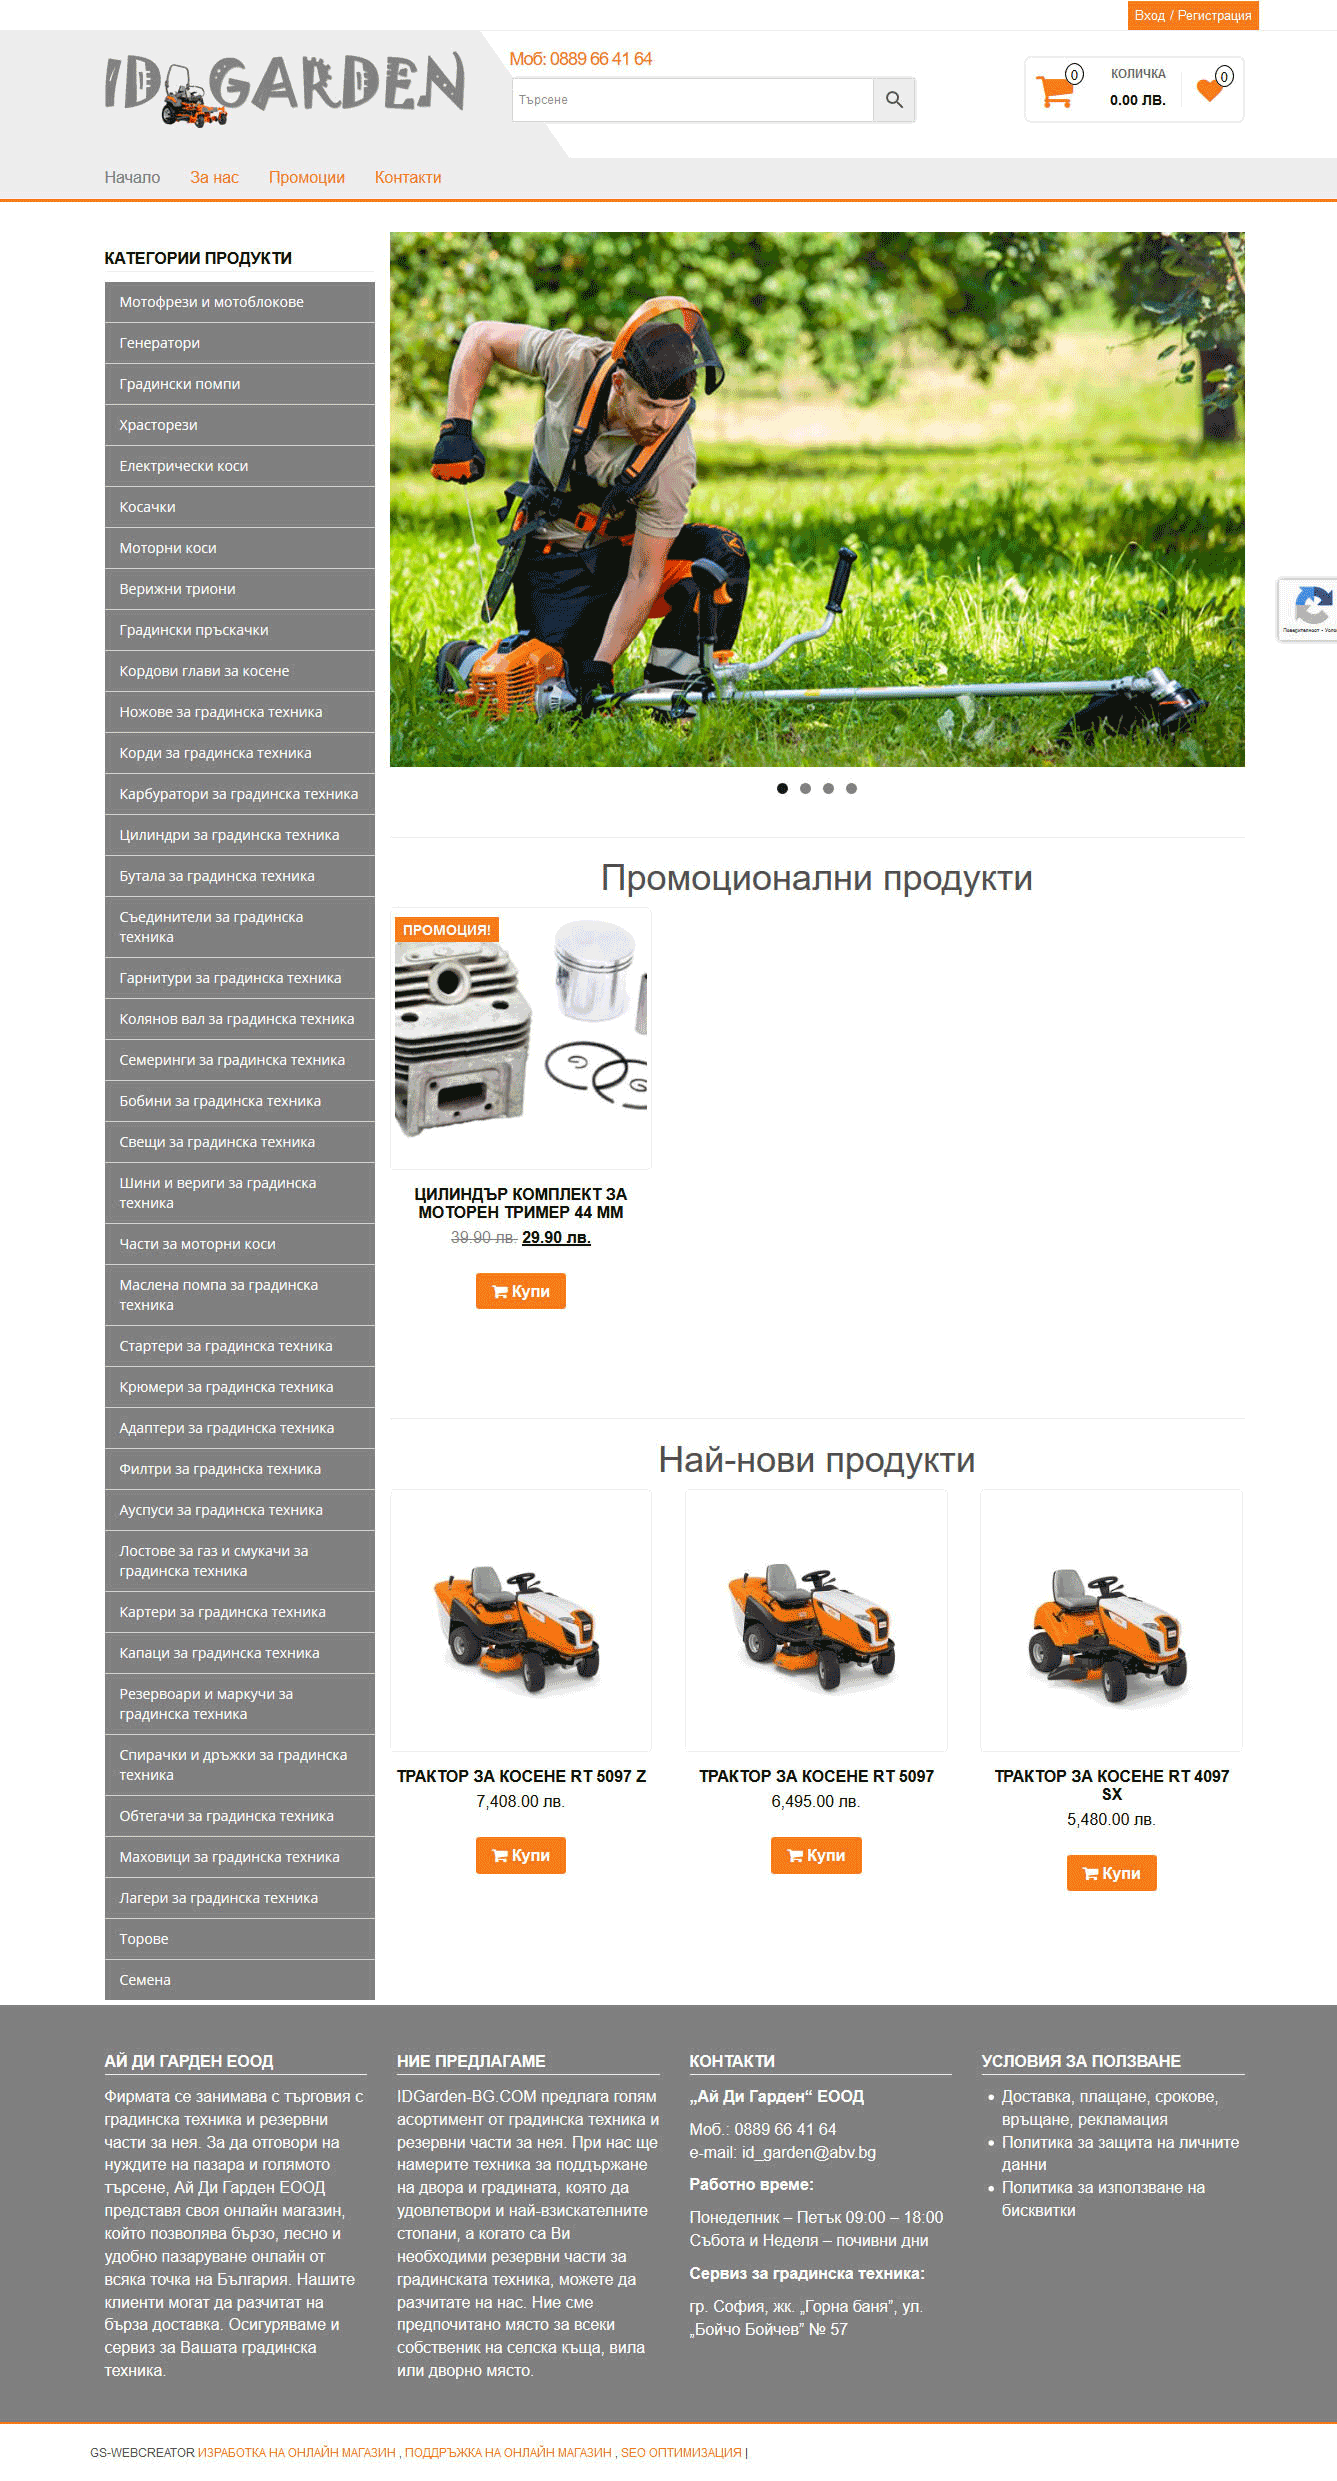 Изработка на онлайн магазин за градинска техника и резервни части на фирма Ай Ди Гарден, изработен от GS-WebCreator